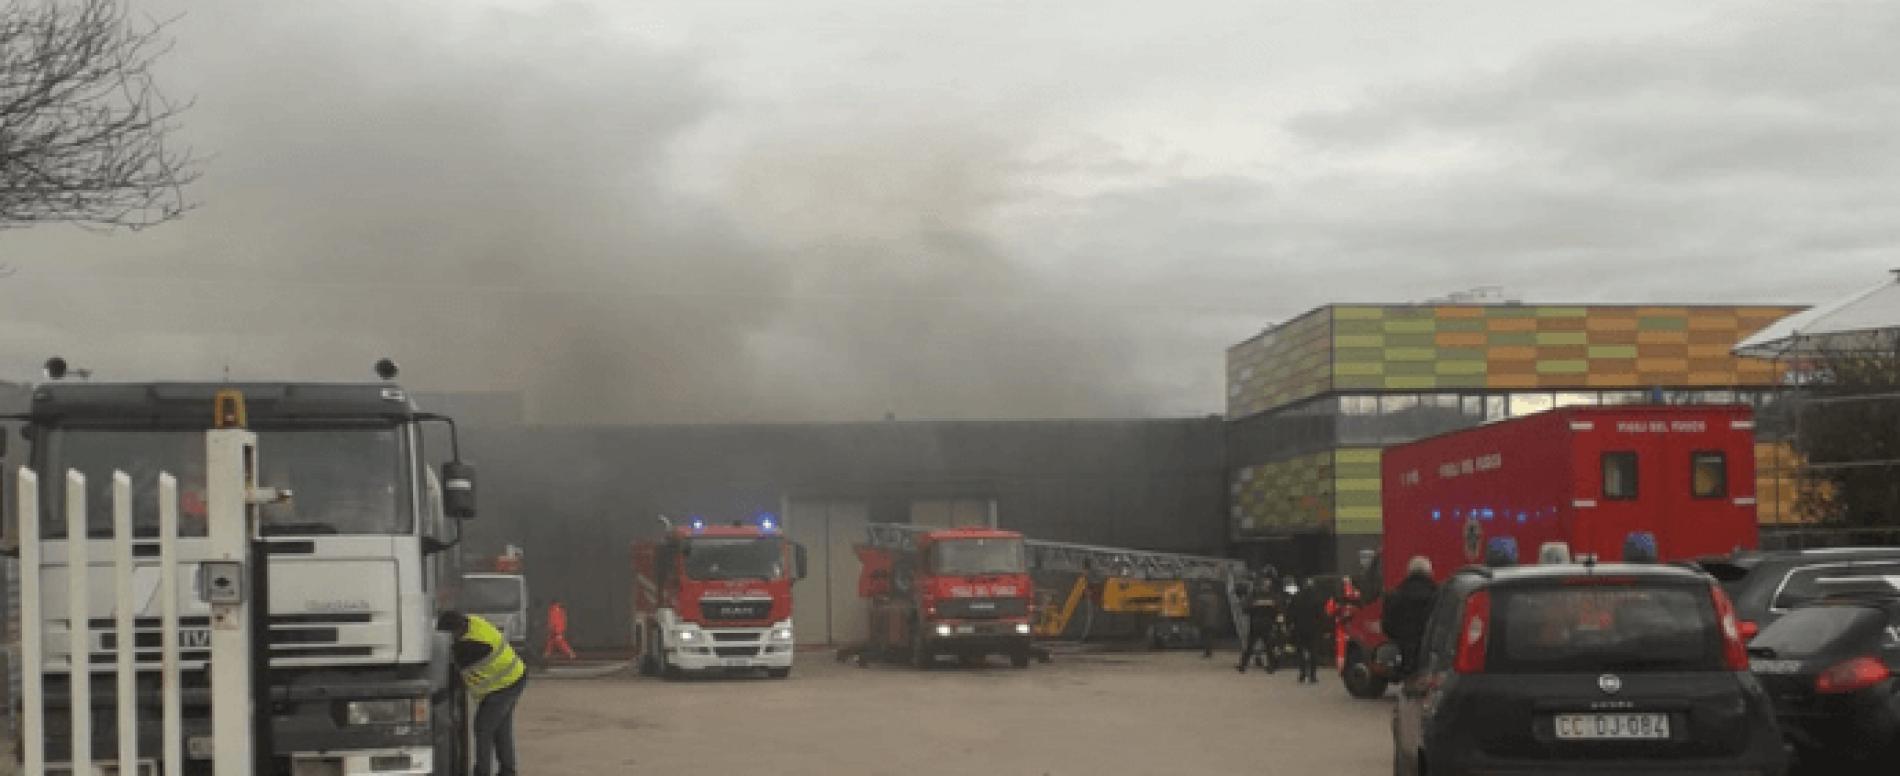 Incendio allo stabilimento Madama Oliva. Ingenti i danni